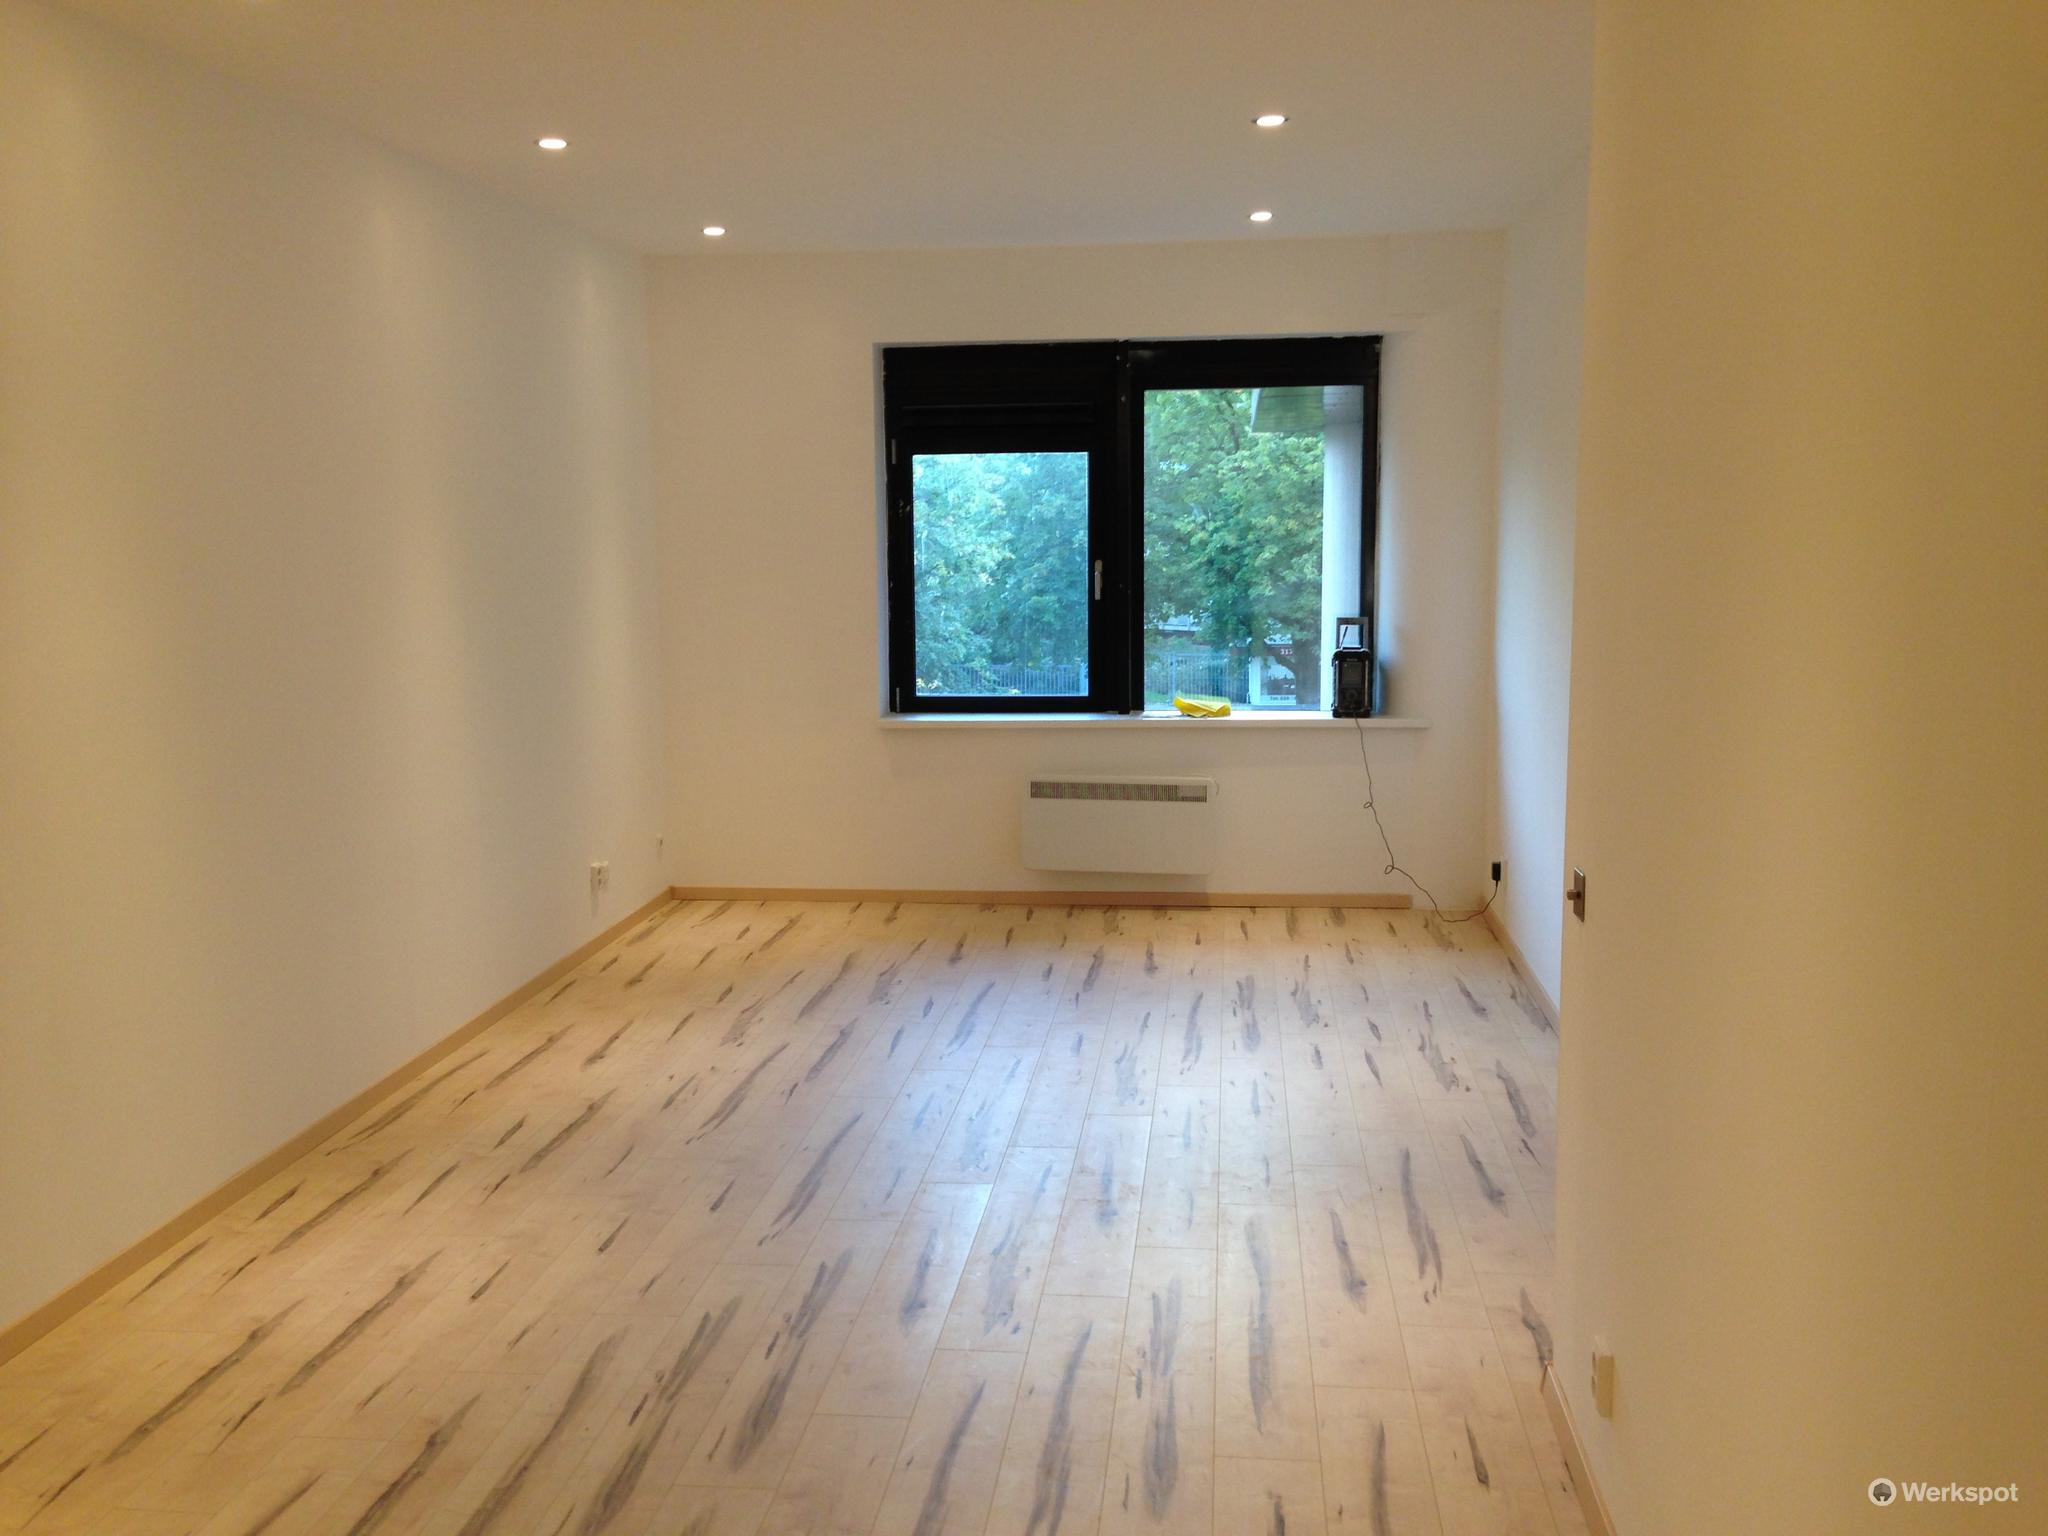 Ikea houten vloer buiten: buitenkleden l snelle make over voor je